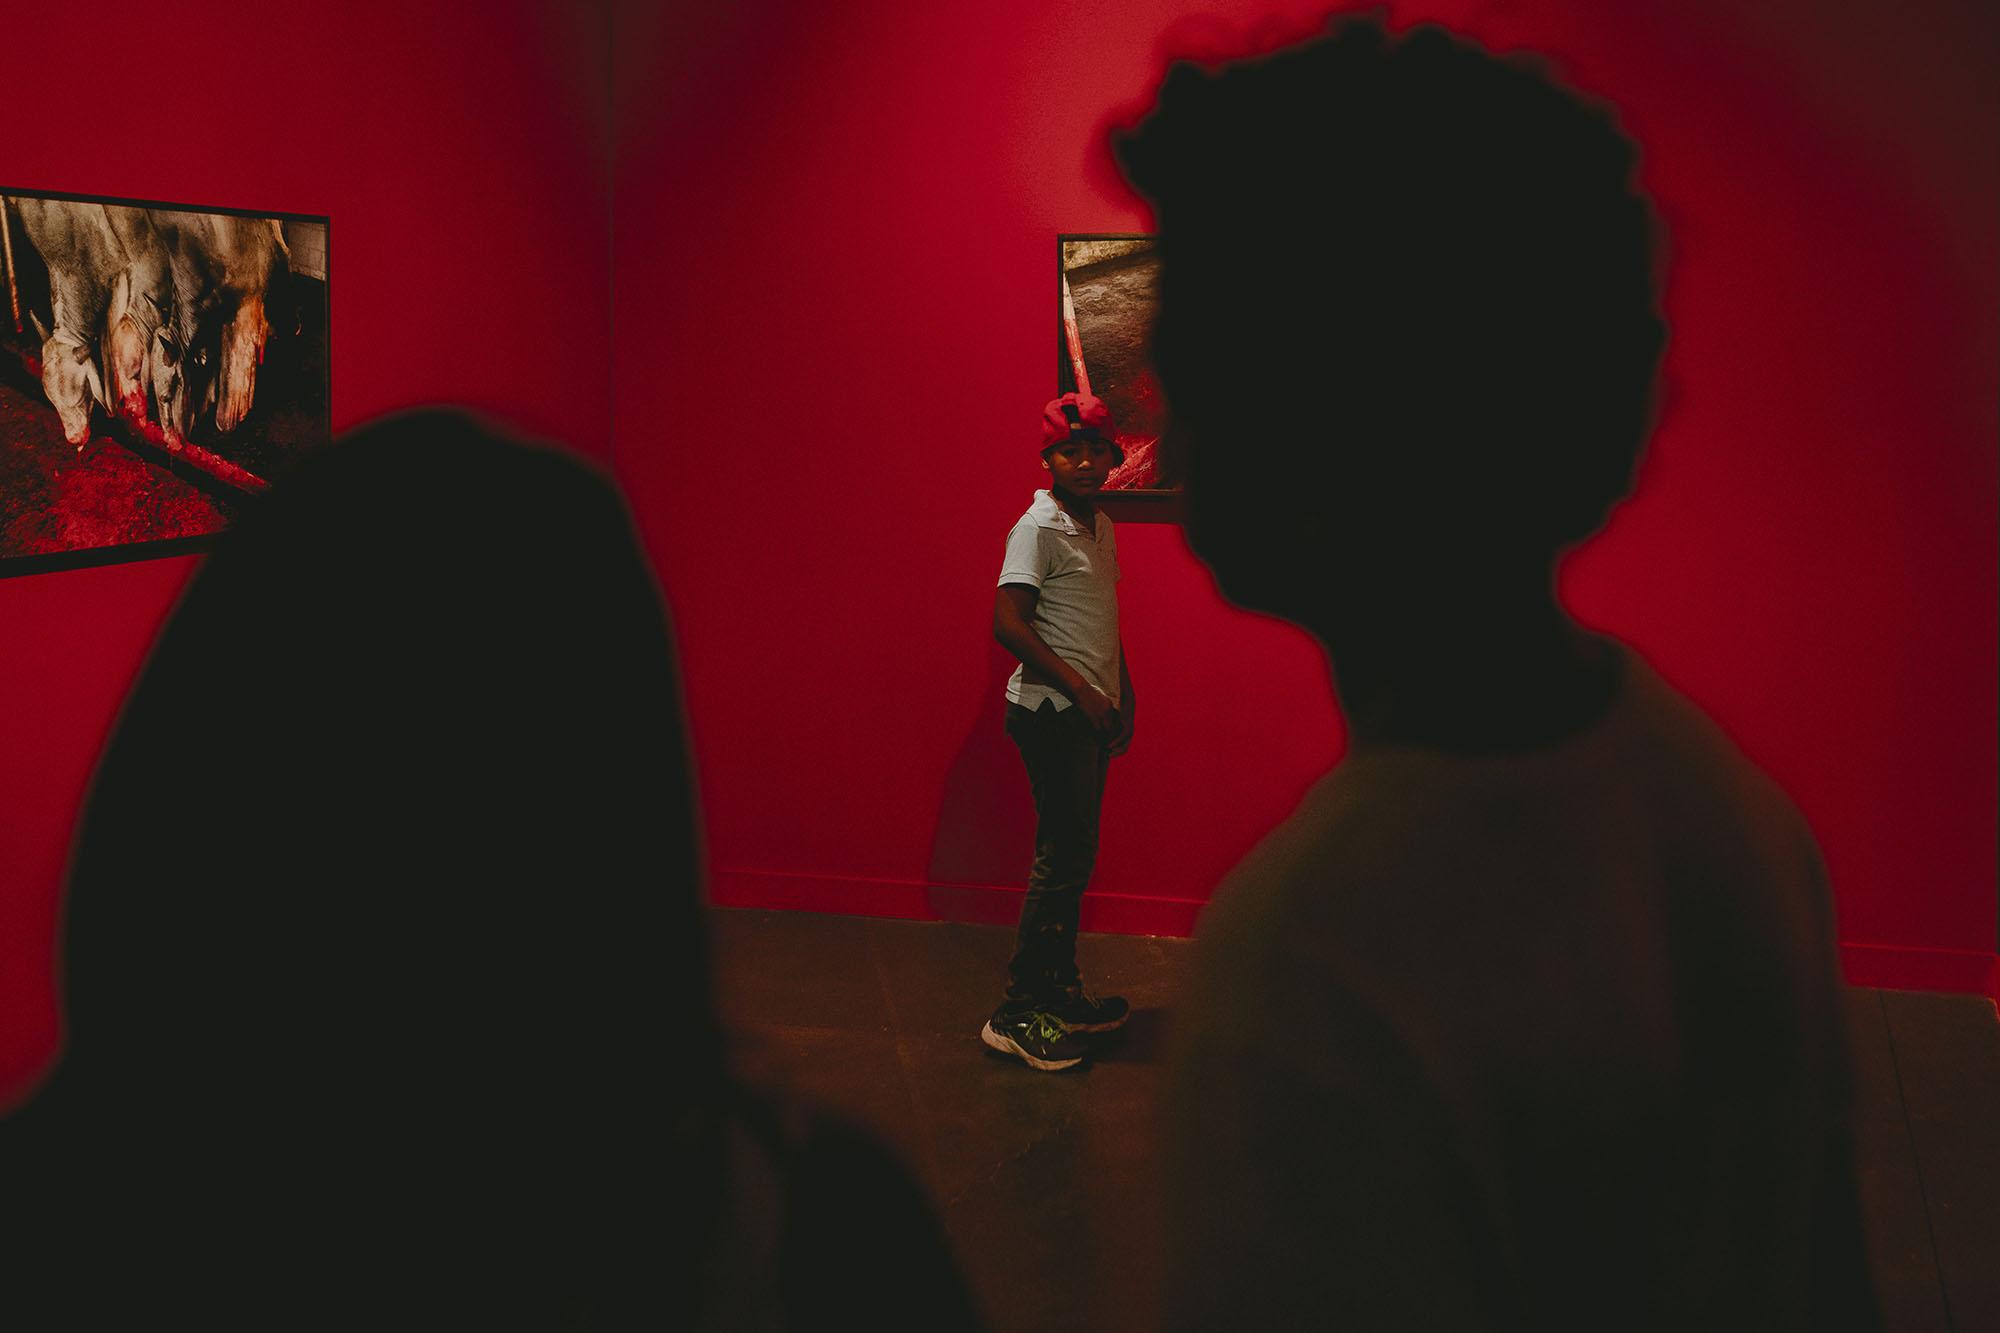 Visões-de-um-poema-sujo : exposição-lançamento-livro : Márcio Vasconcelos : Gustavo Semeghini : Blog -017.jpg